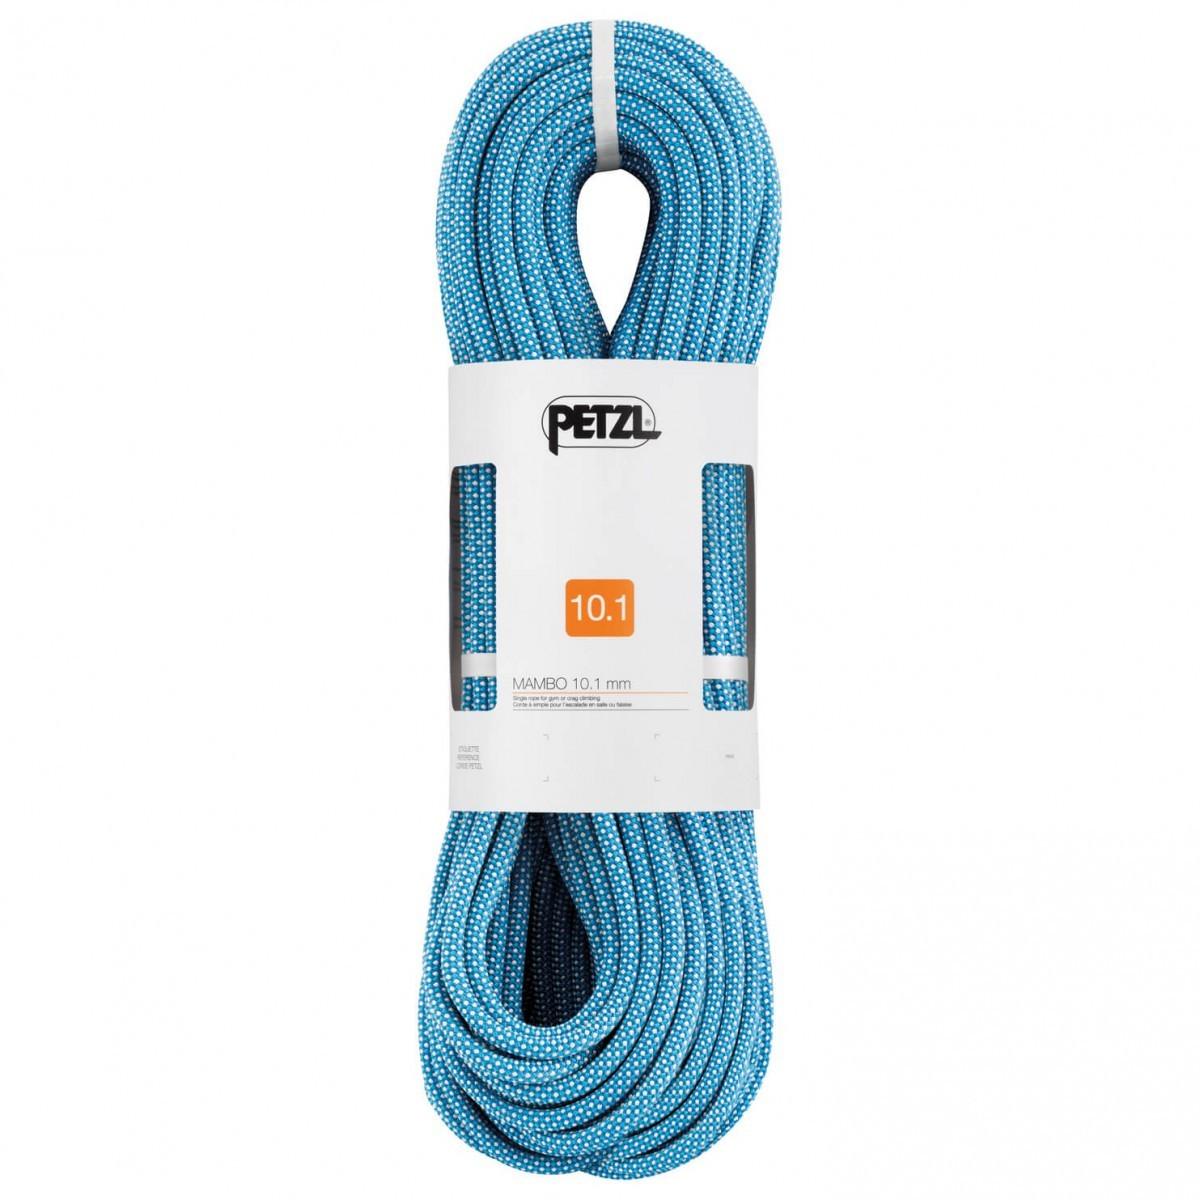 PETZL ペツル Mambo 10.1(70m - Blue)★ロープ・ザイル・登山・クライミング★